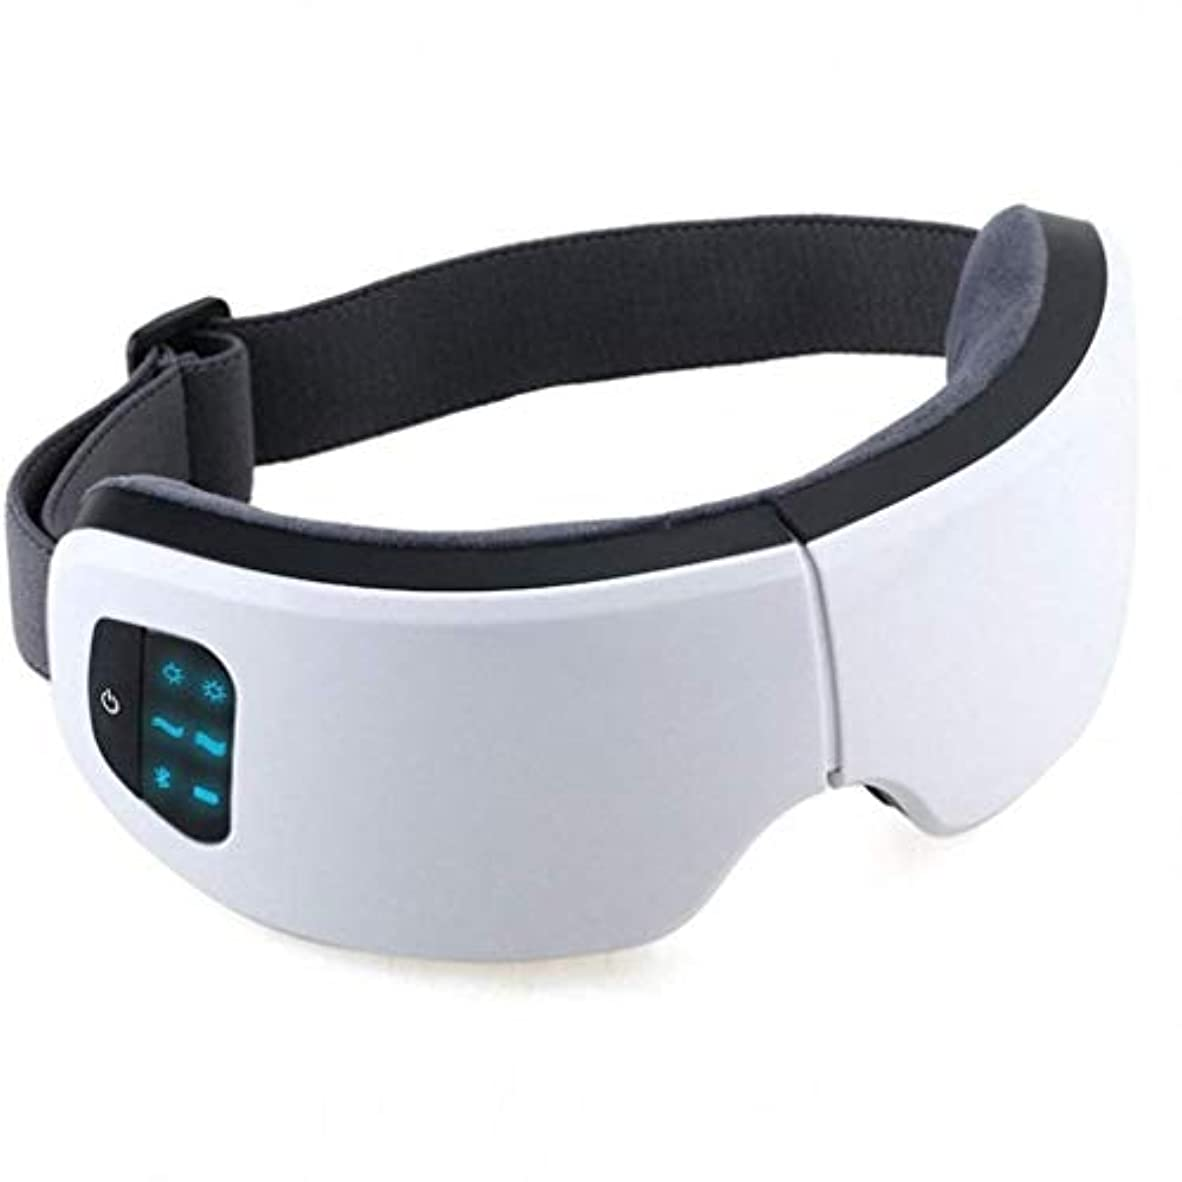 エゴマニア傾向がある励起電動アイマスク、アイマッサージャー、折りたたみ式USB充電式スマートデコンプレッションマシン、ワイヤレスBluetoothポータブル、目の疲れを和らげる、ダークサークル、アイバッグ、美容機器